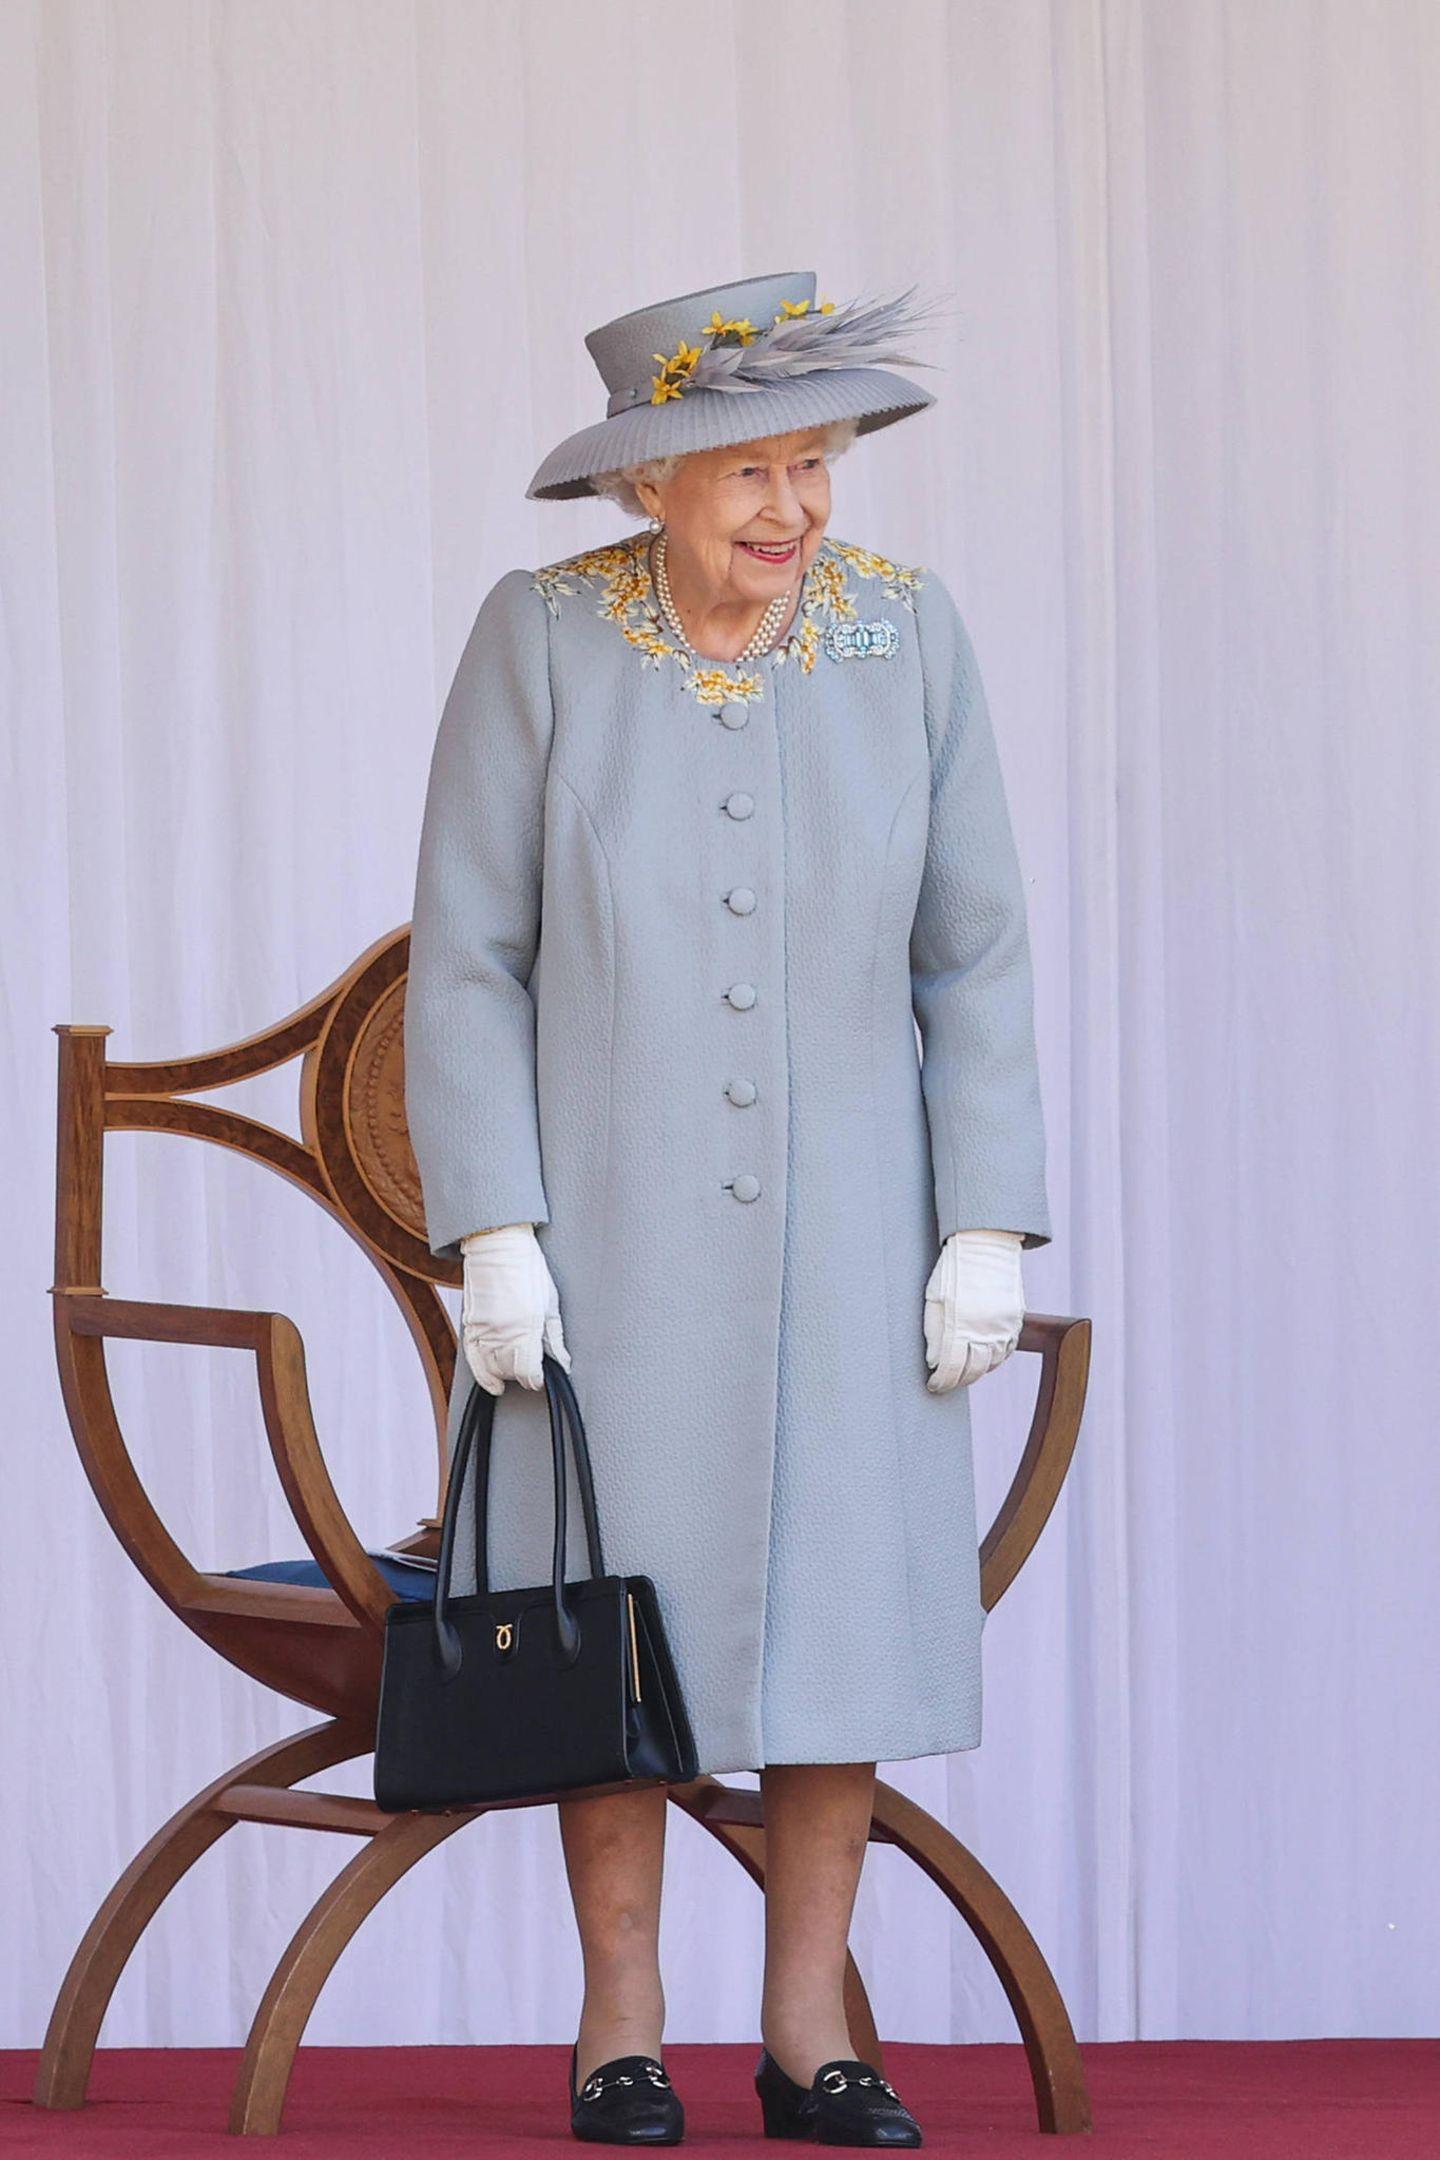 Obwohl die offizielle Geburtstagsfeierzu Ehren der britischen Königinzum wiederholten Mal weniger pompös ausfällt als gewohnt,zeigt sich Queen Elizabethäußerst gut gelaunt und erfreut sich an dem Programm, das ihr im Innenhof von SchlossWindsor geboten wird.